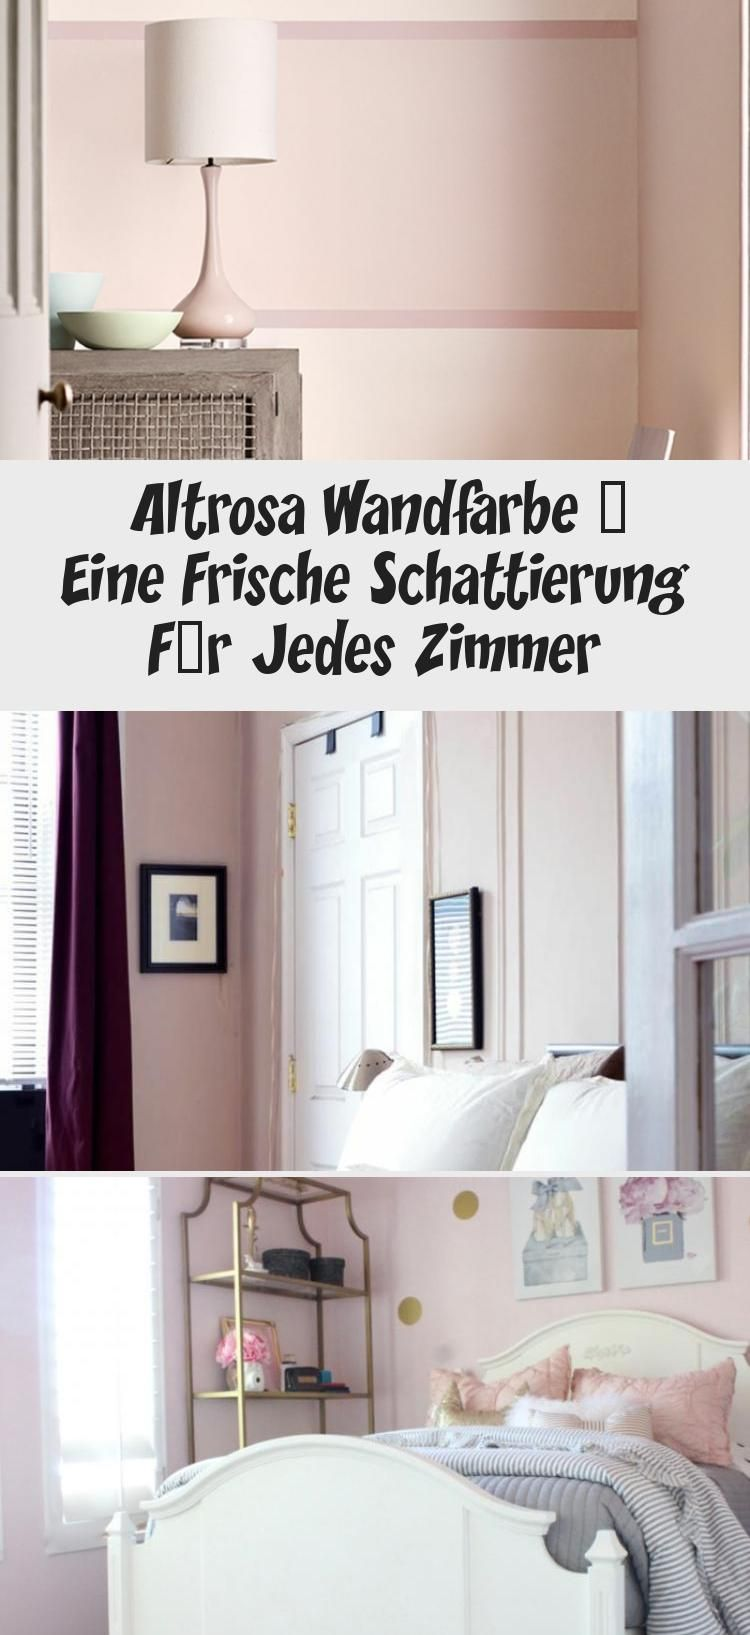 Altrosa Wandfarbe Eine Frische Schattierung Fur Jedes Zimmer In 2020 With Images Home Decor Decor Home